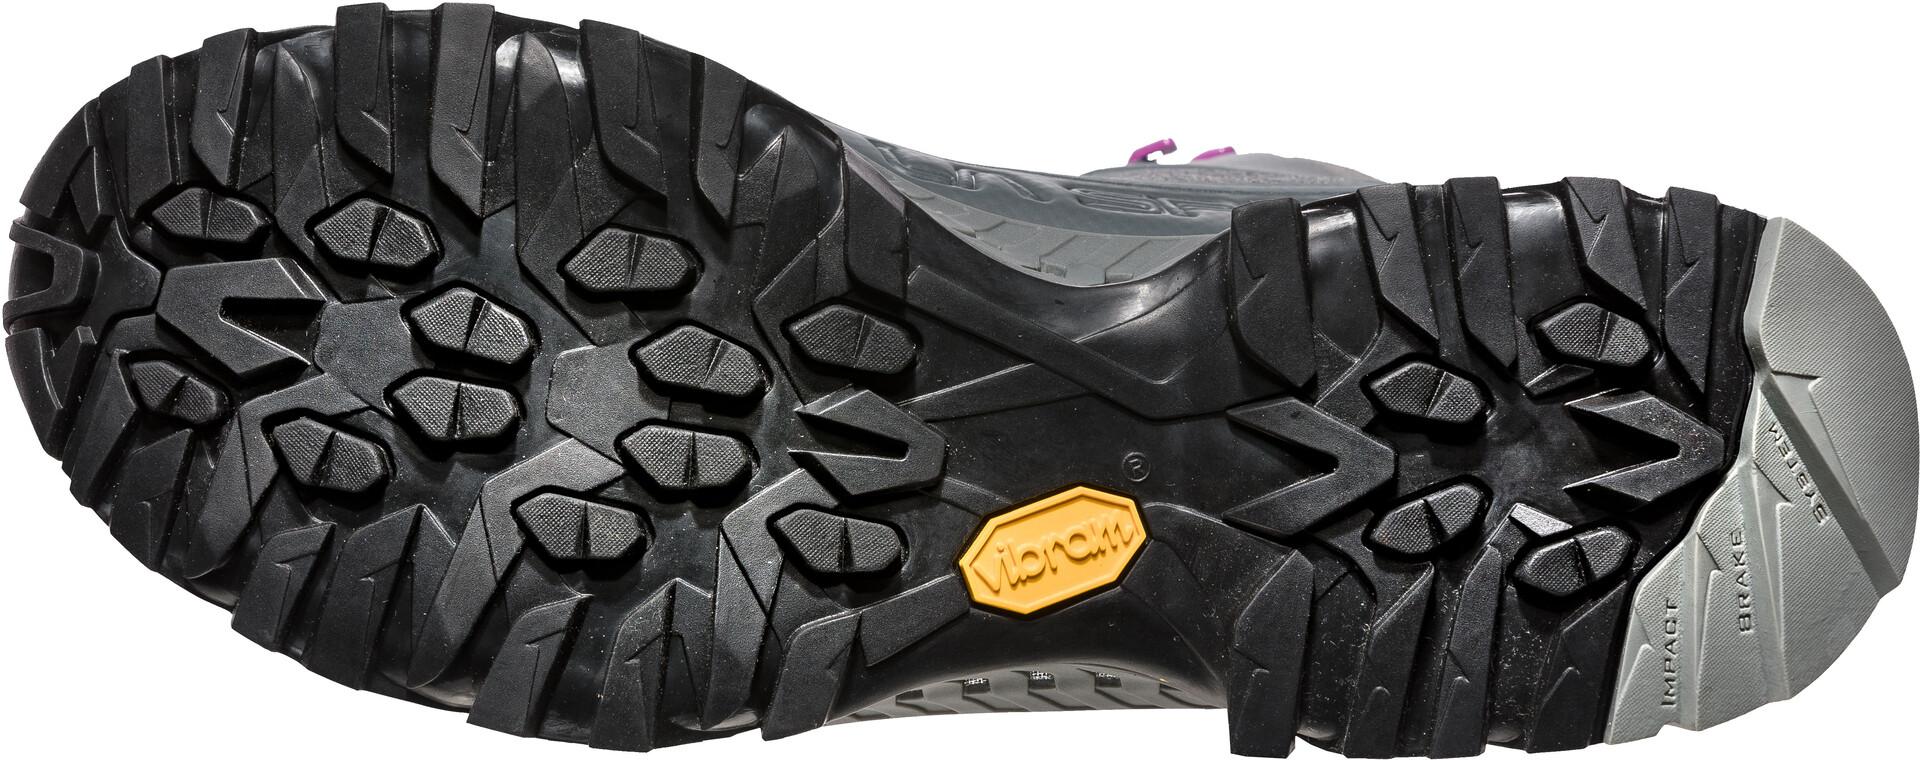 Surround Gtx Spire Sportiva MujerCarbonpurple La Zapatillas H2IE9WDY